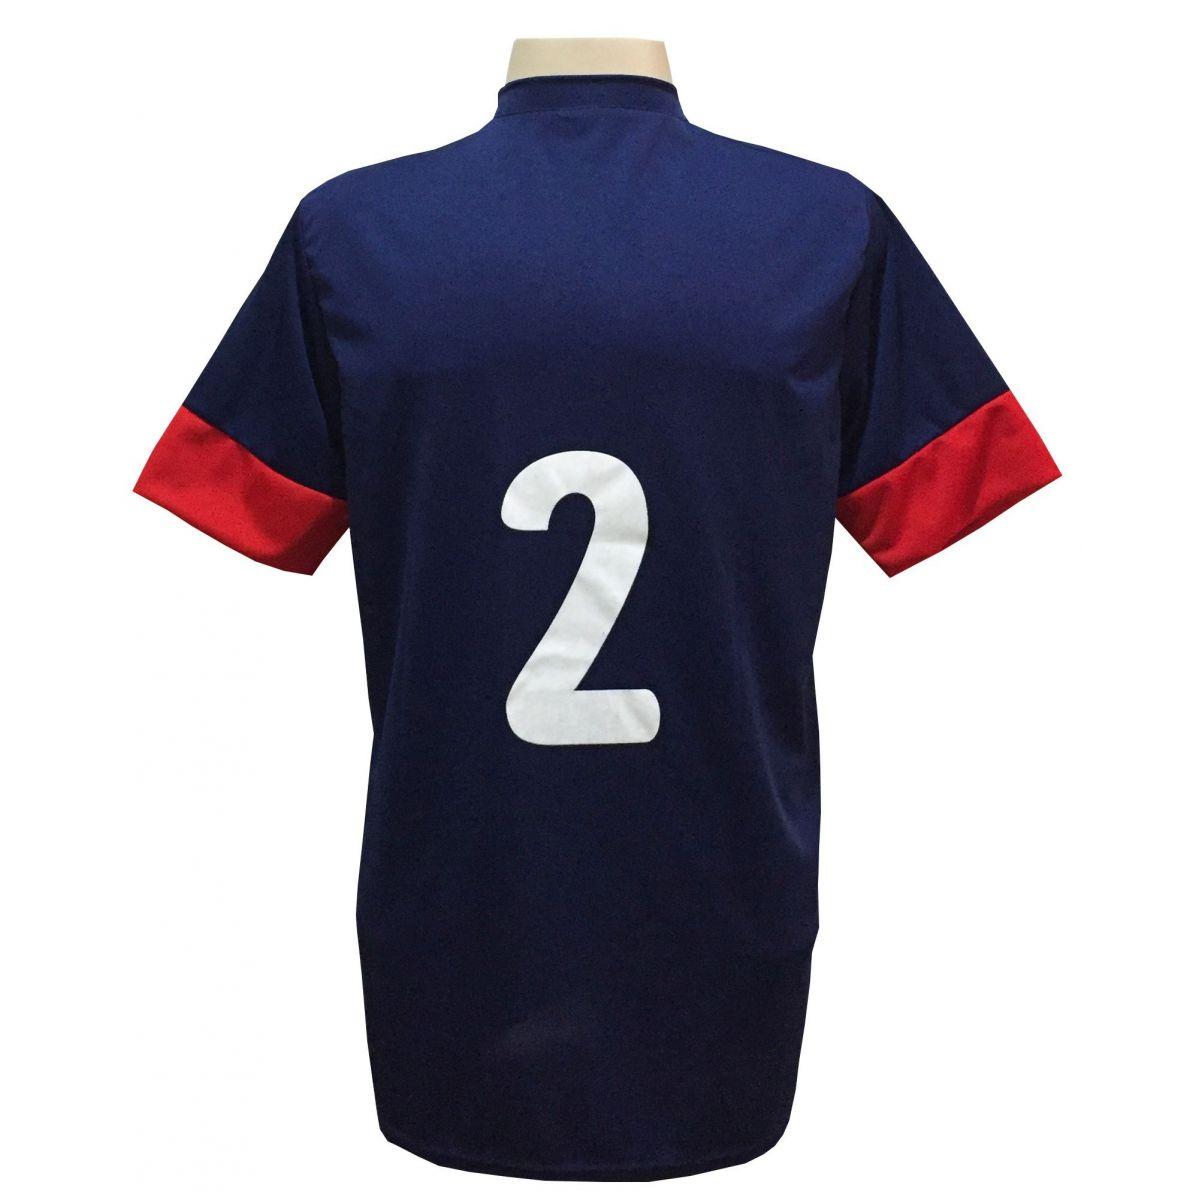 Jogo de Camisa com 18 unidades modelo Columbus Marinho/Vermelho + Brindes